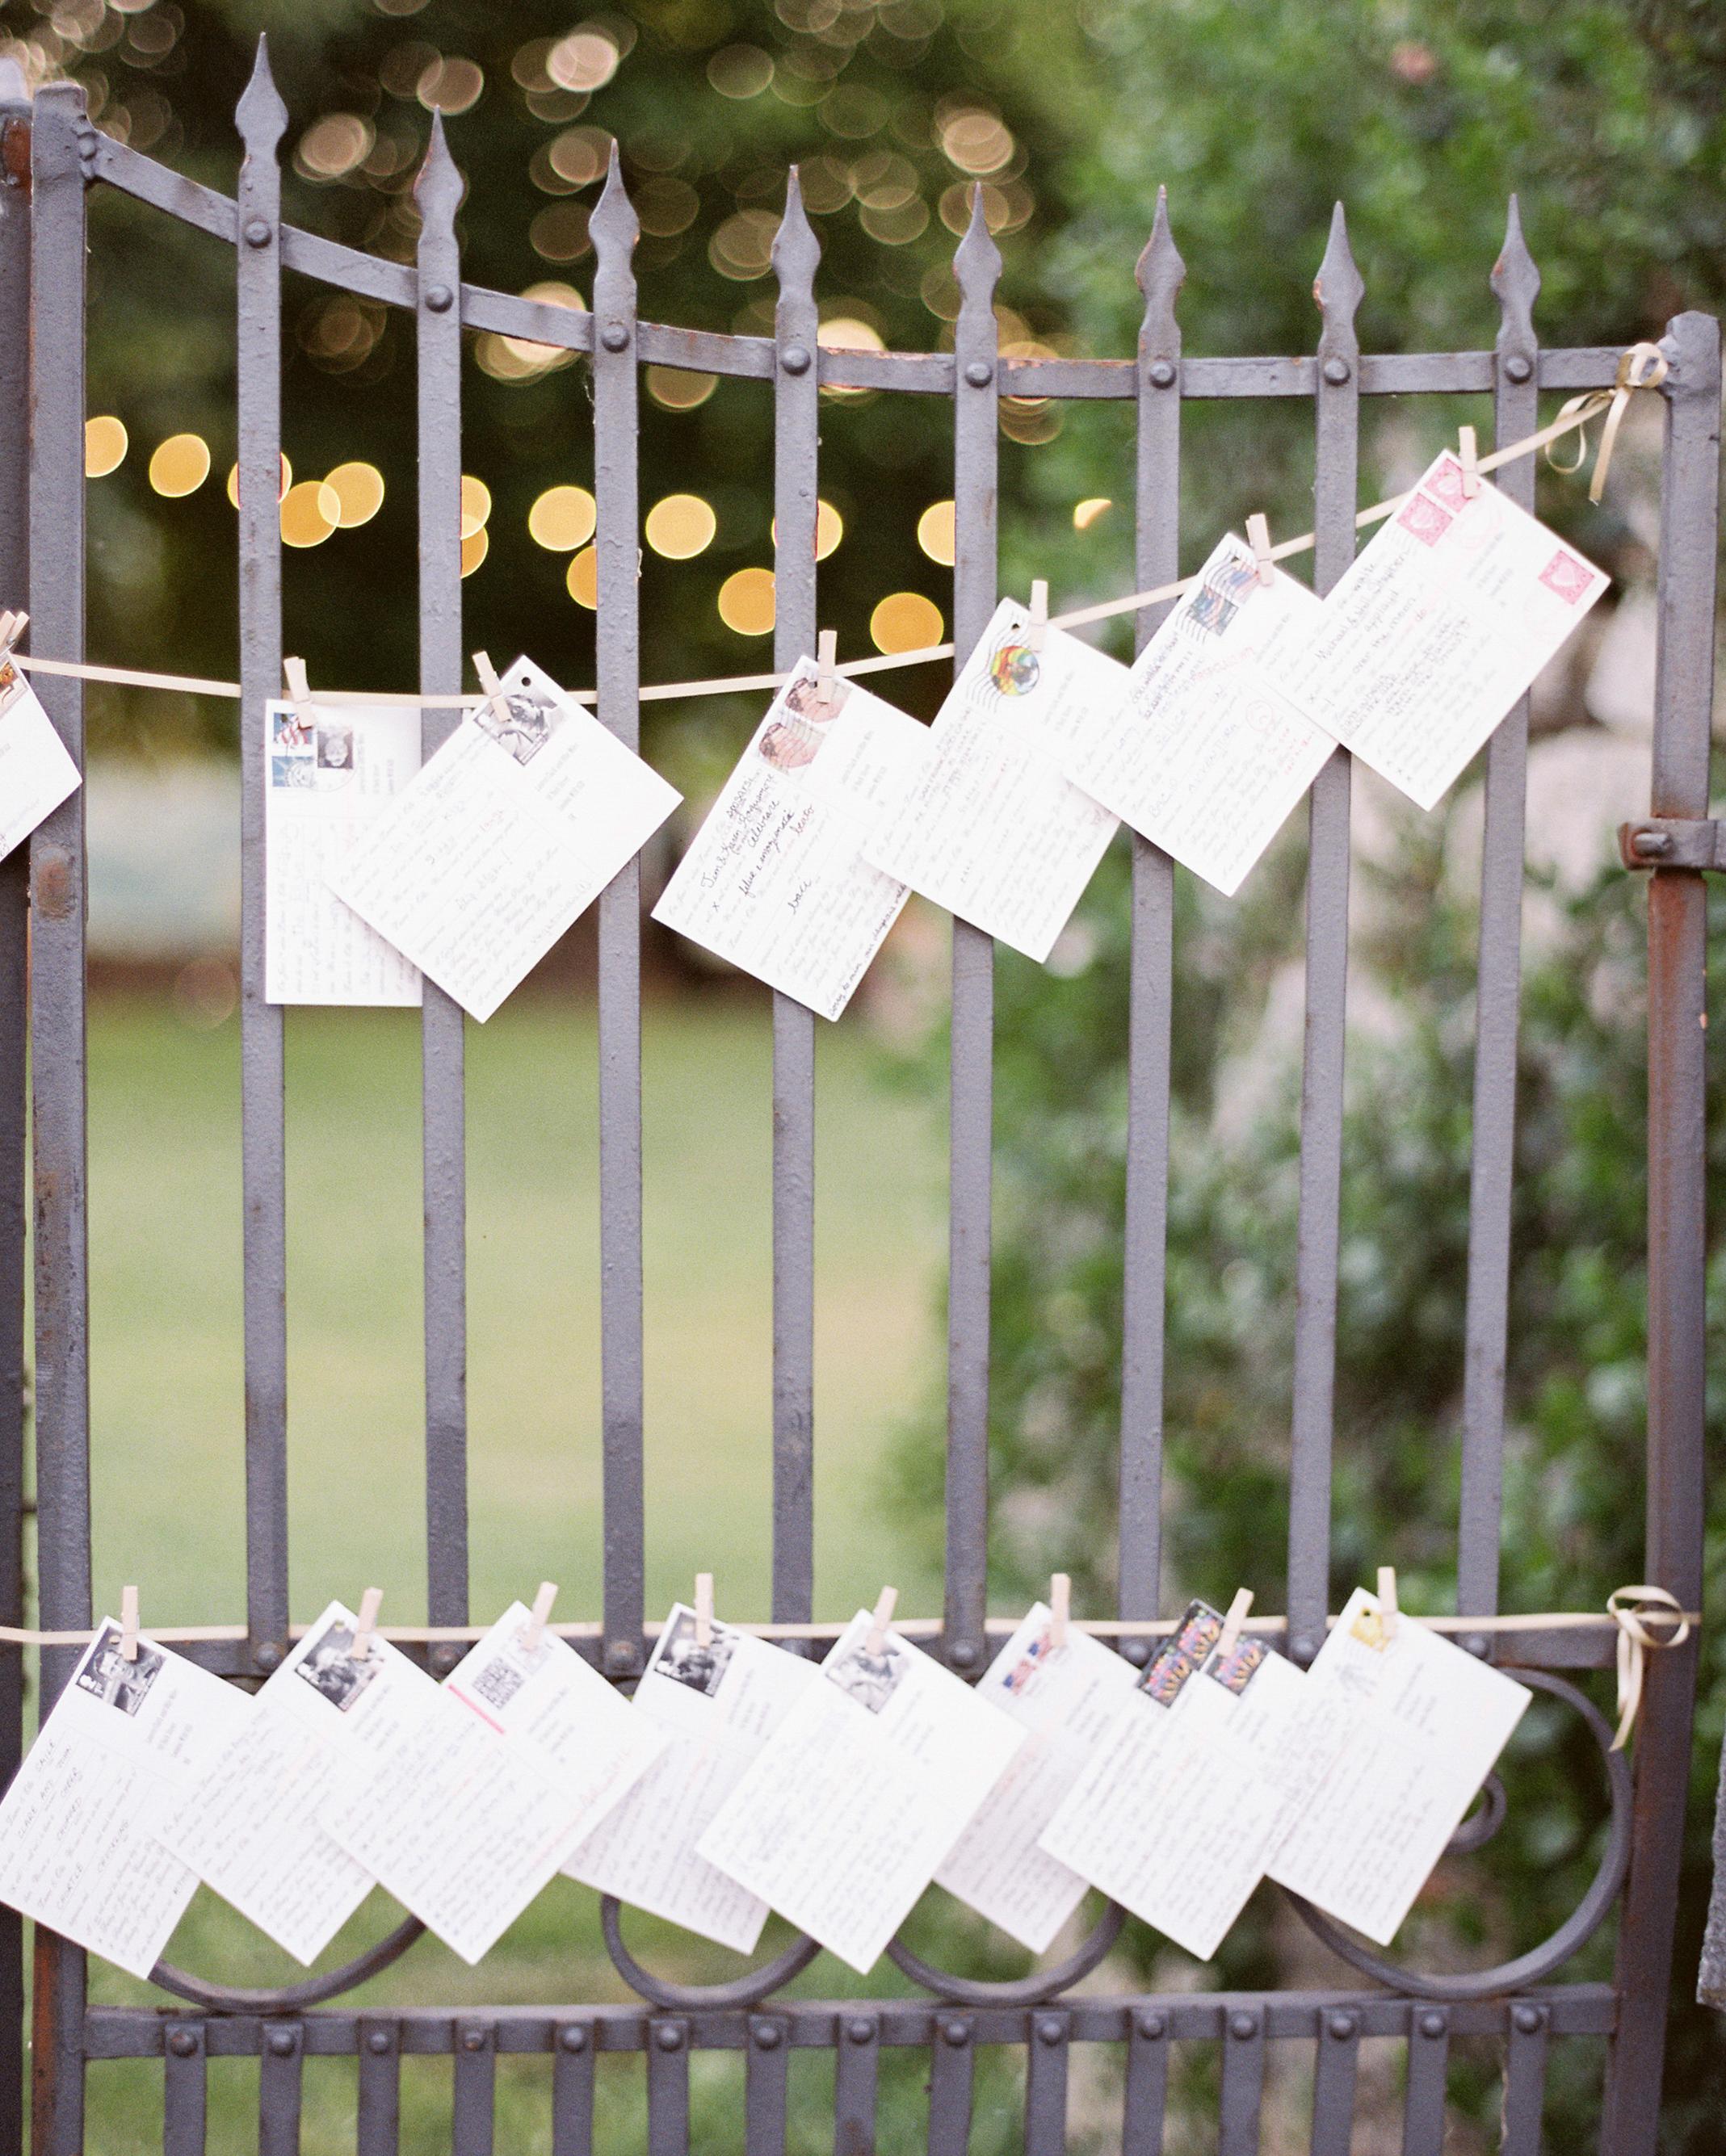 lauren-ollie-wedding-escortcards-167-s111895-0515.jpg